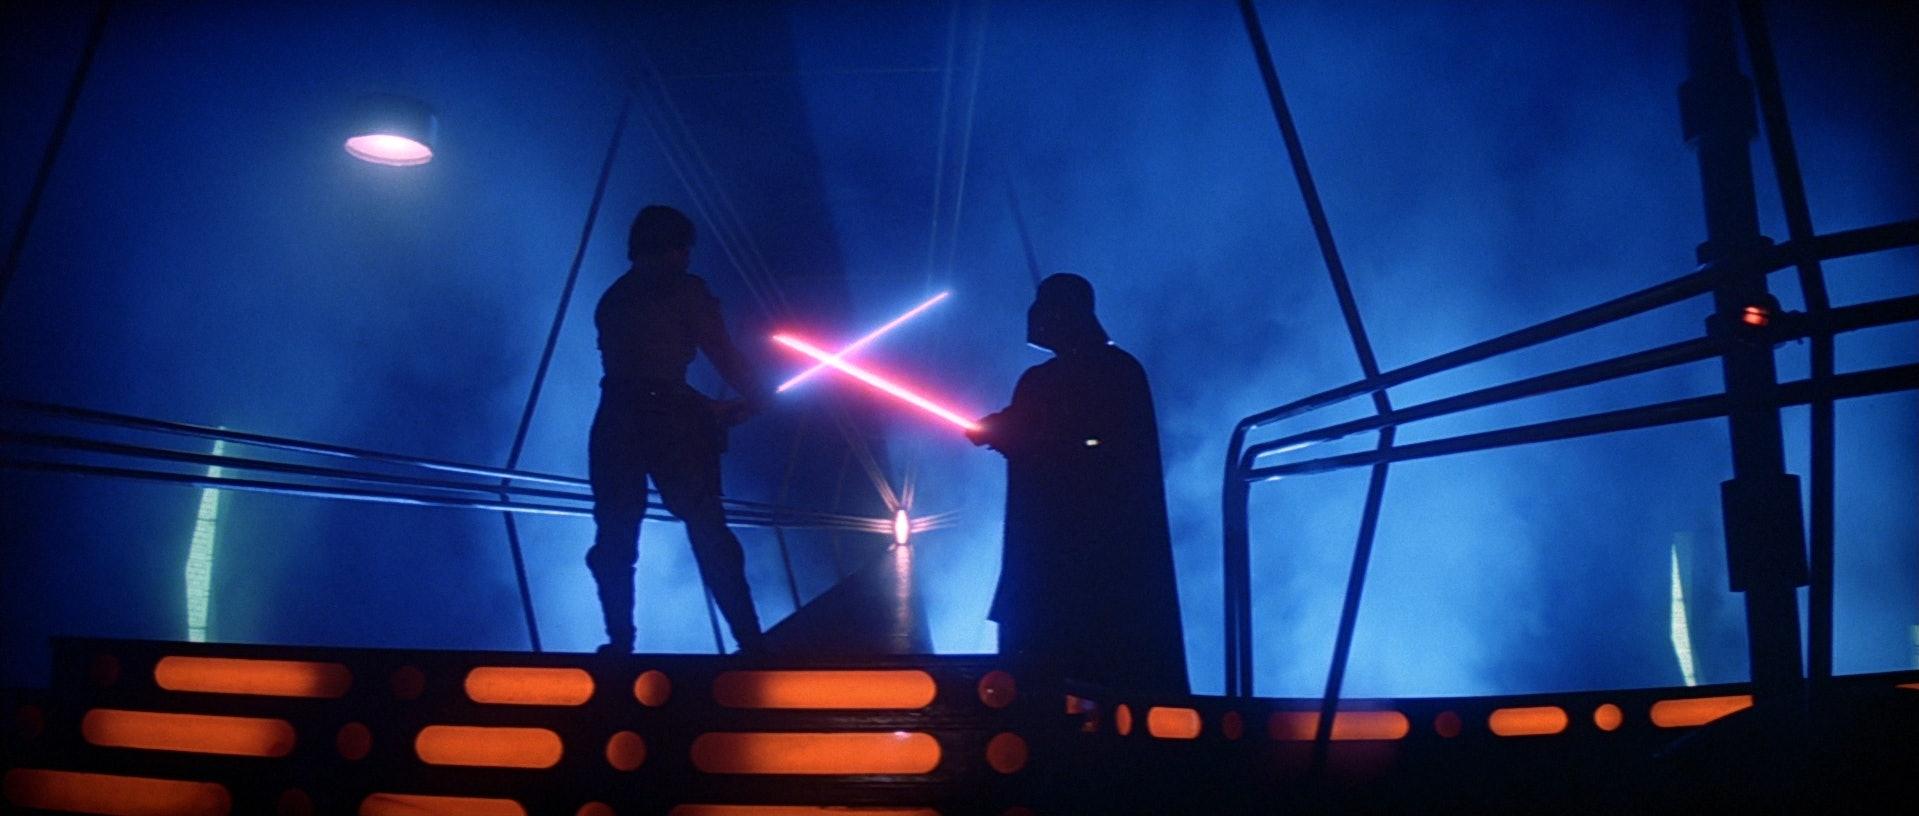 Star Wars Rise Of Skywalker Photo Teases The Next Big Lightsaber Battle